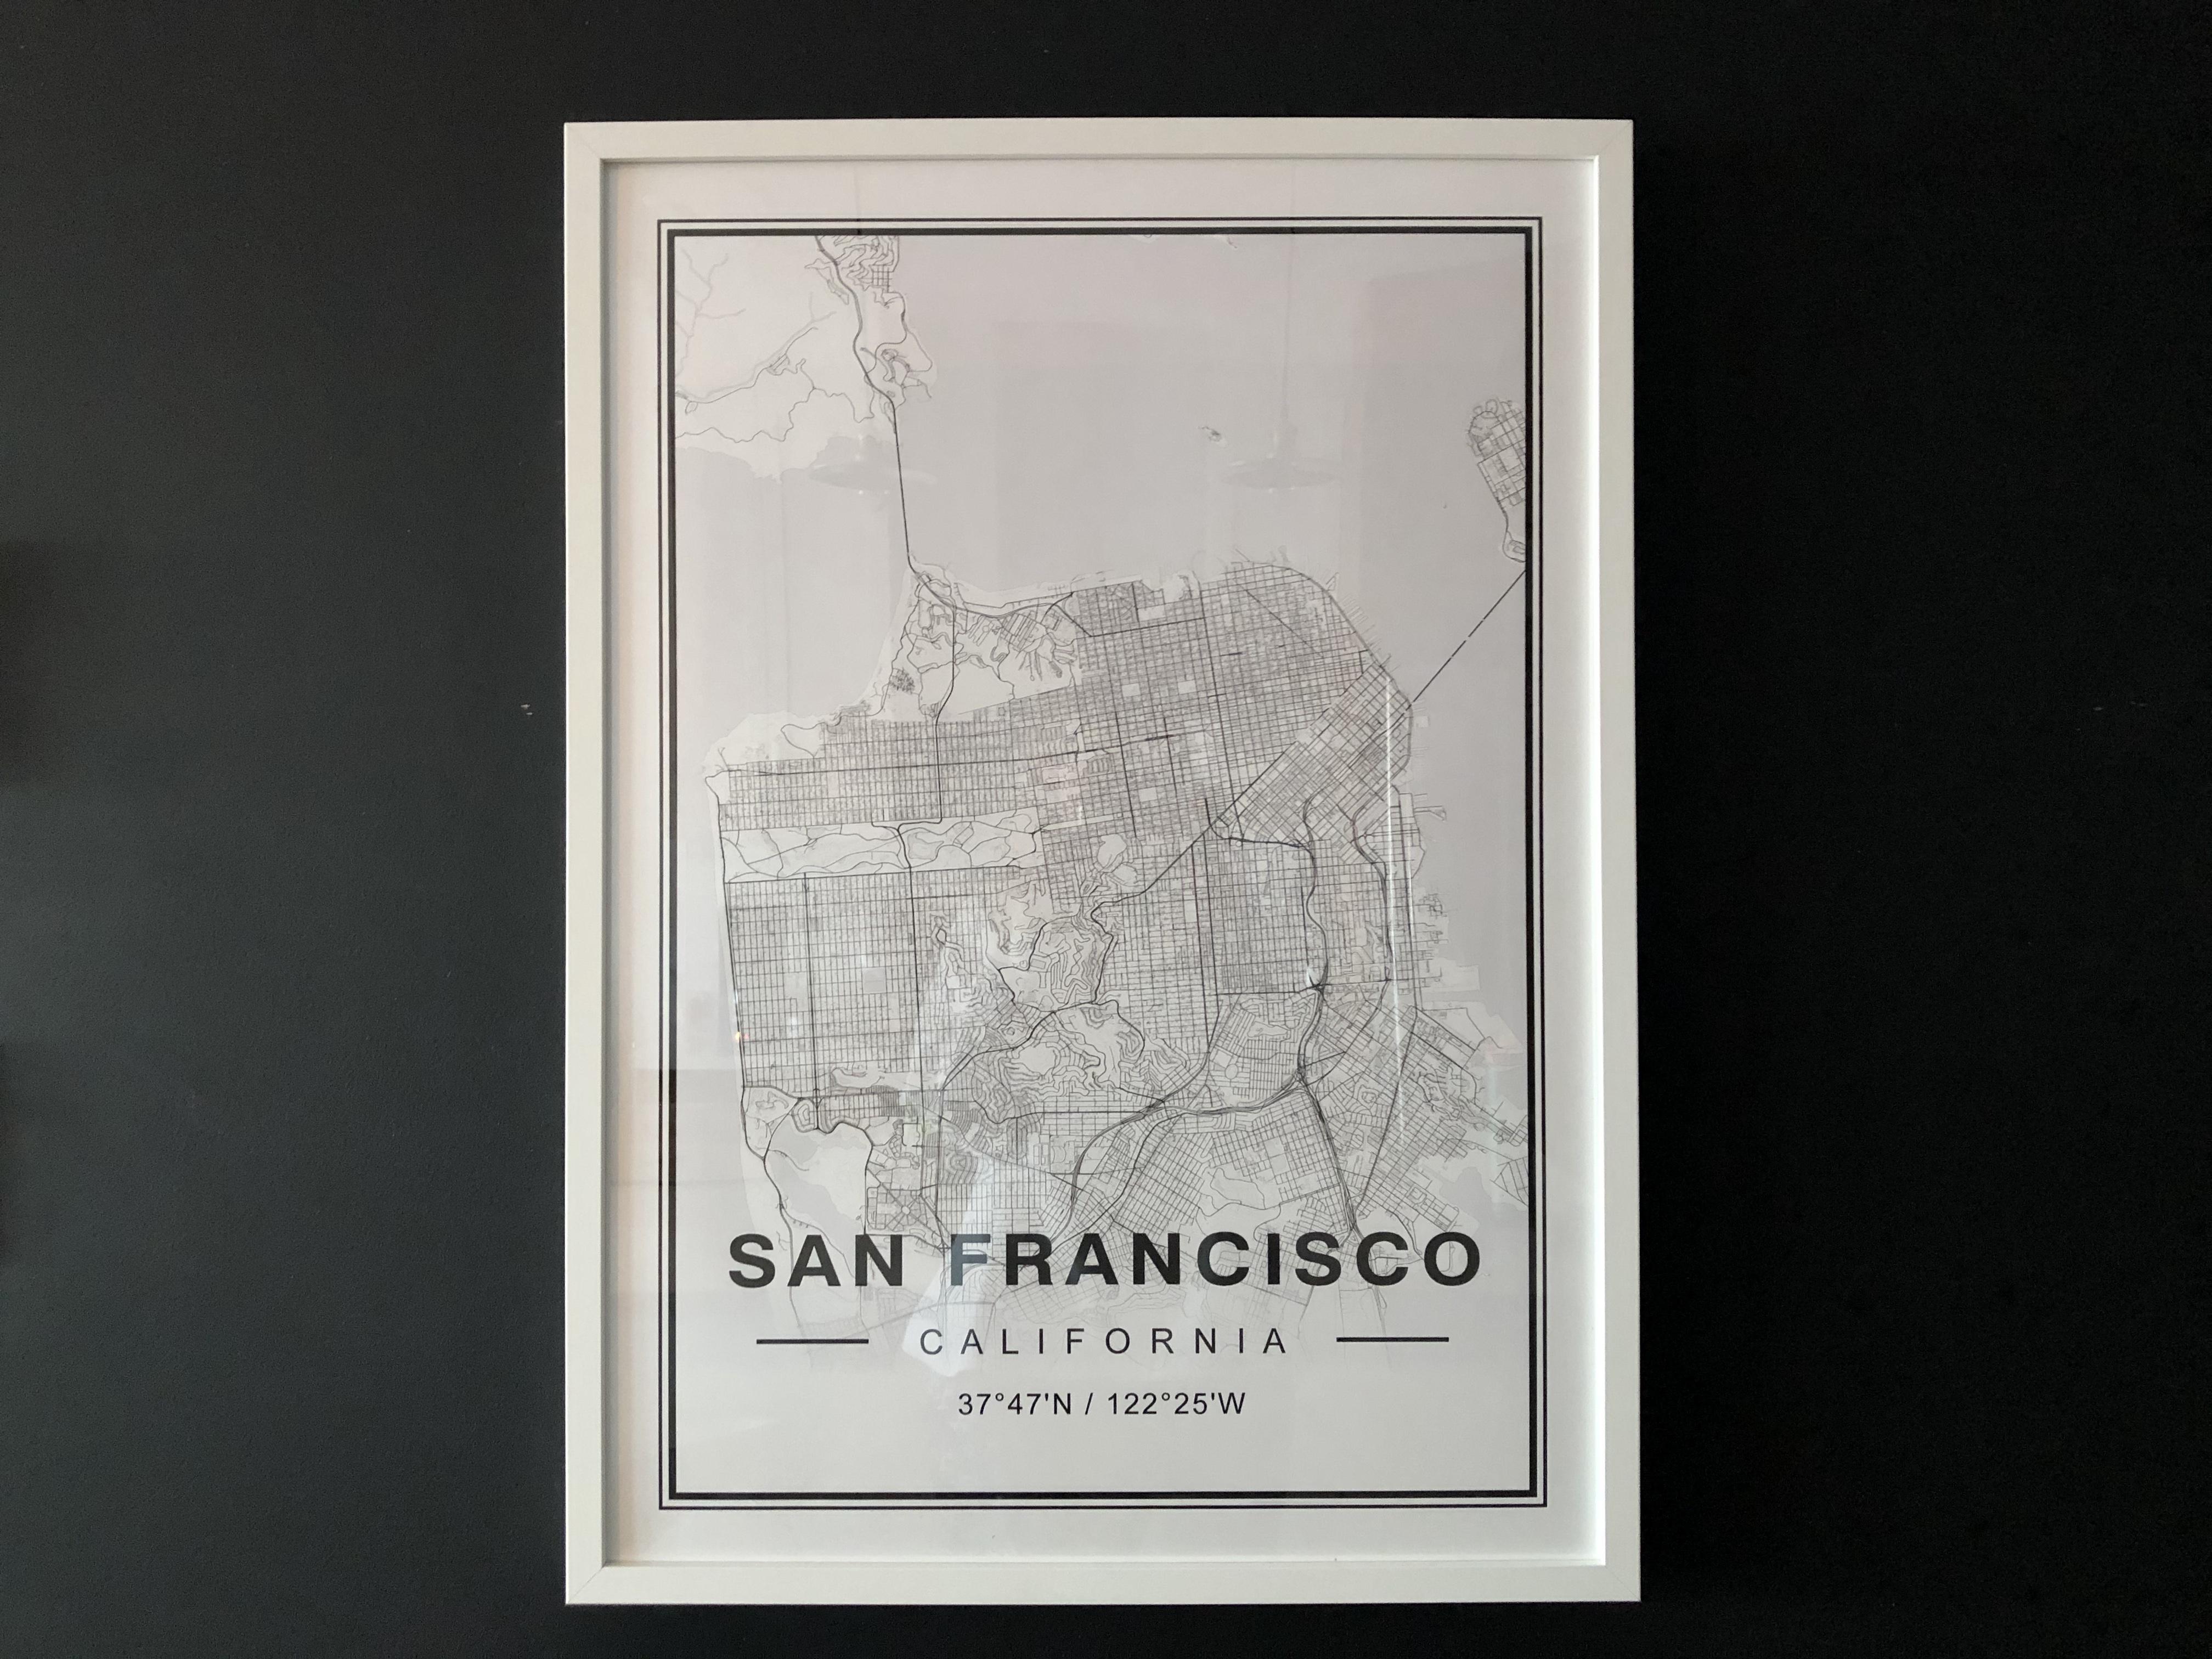 Carte de villes autour du monde : idées cadeaux pour voyageurs